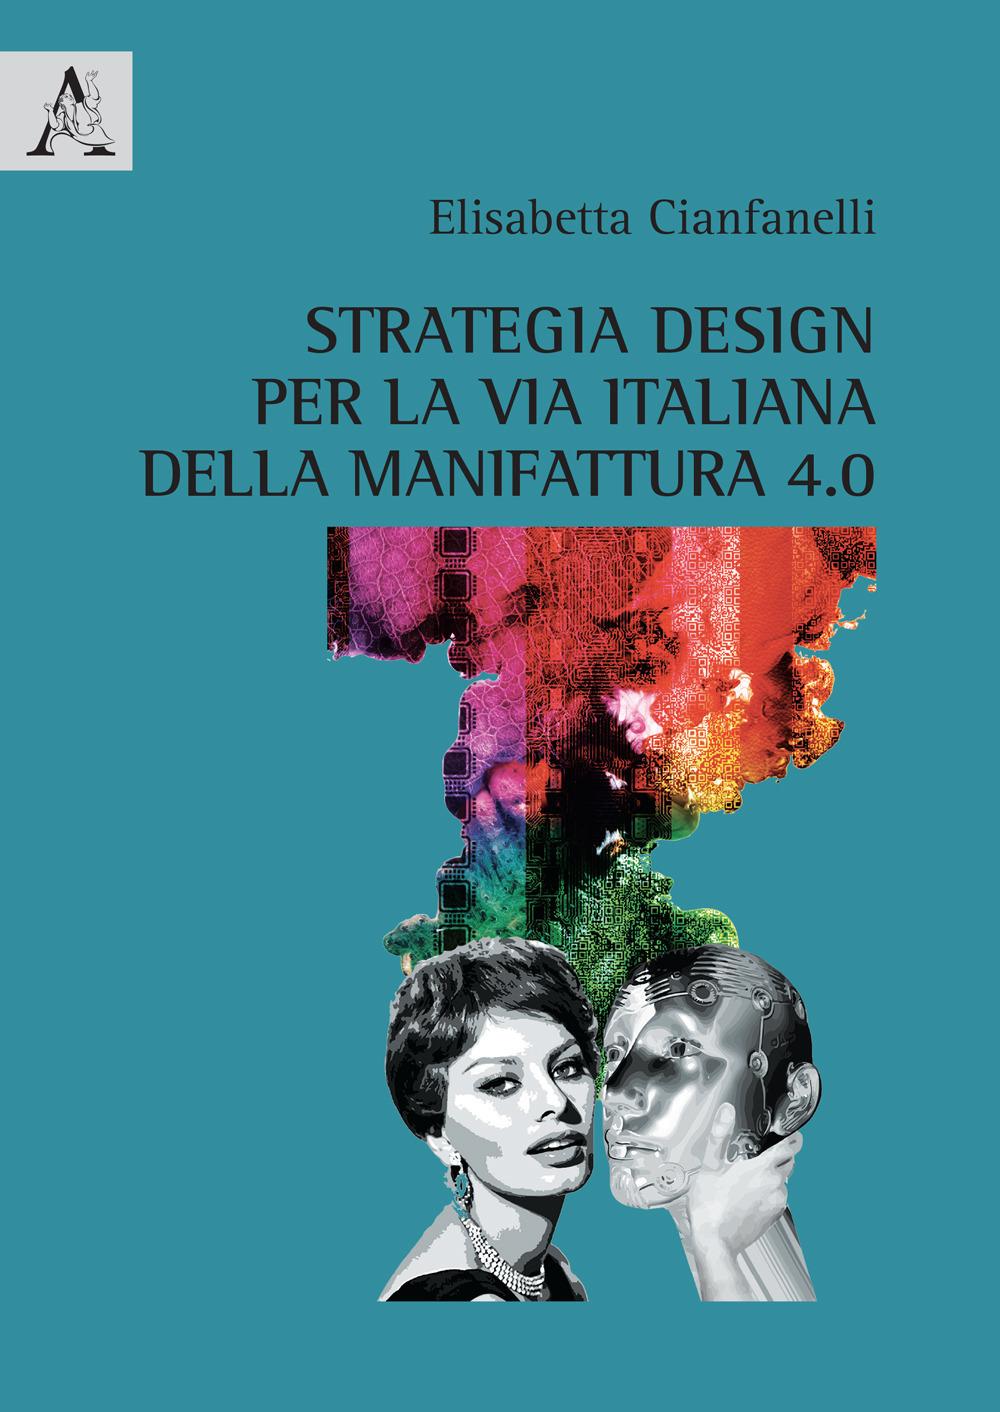 Image of Strategia design per la via italiana della manifattura 4.0